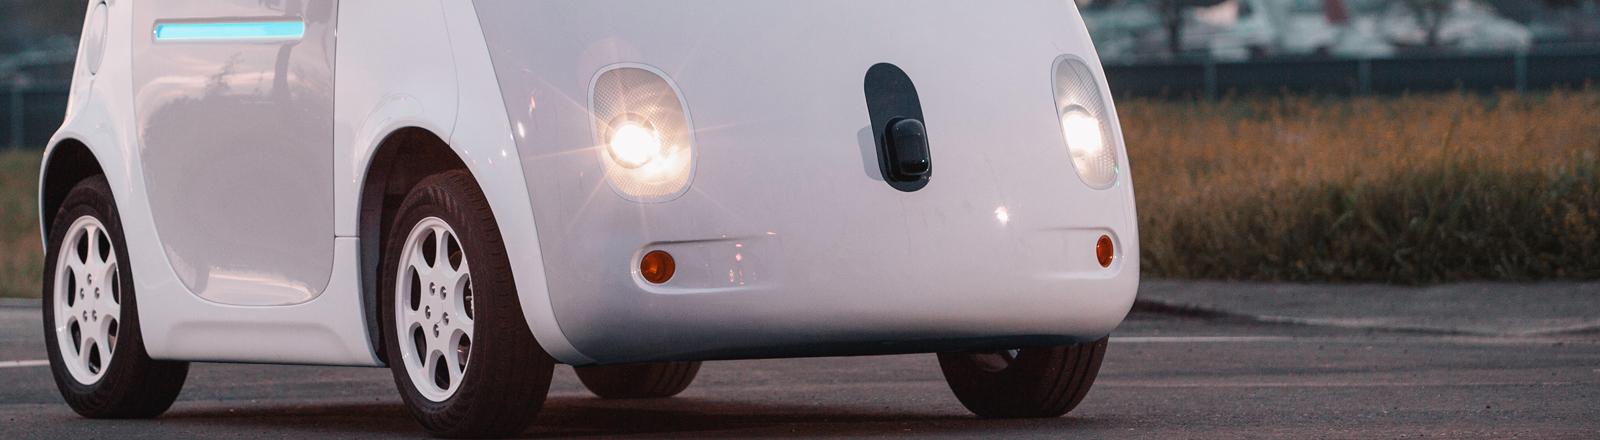 """Das Handout zeigt einen Prototyp des """"Self-driving vehicle"""" von Google (undatiertes Handout)."""